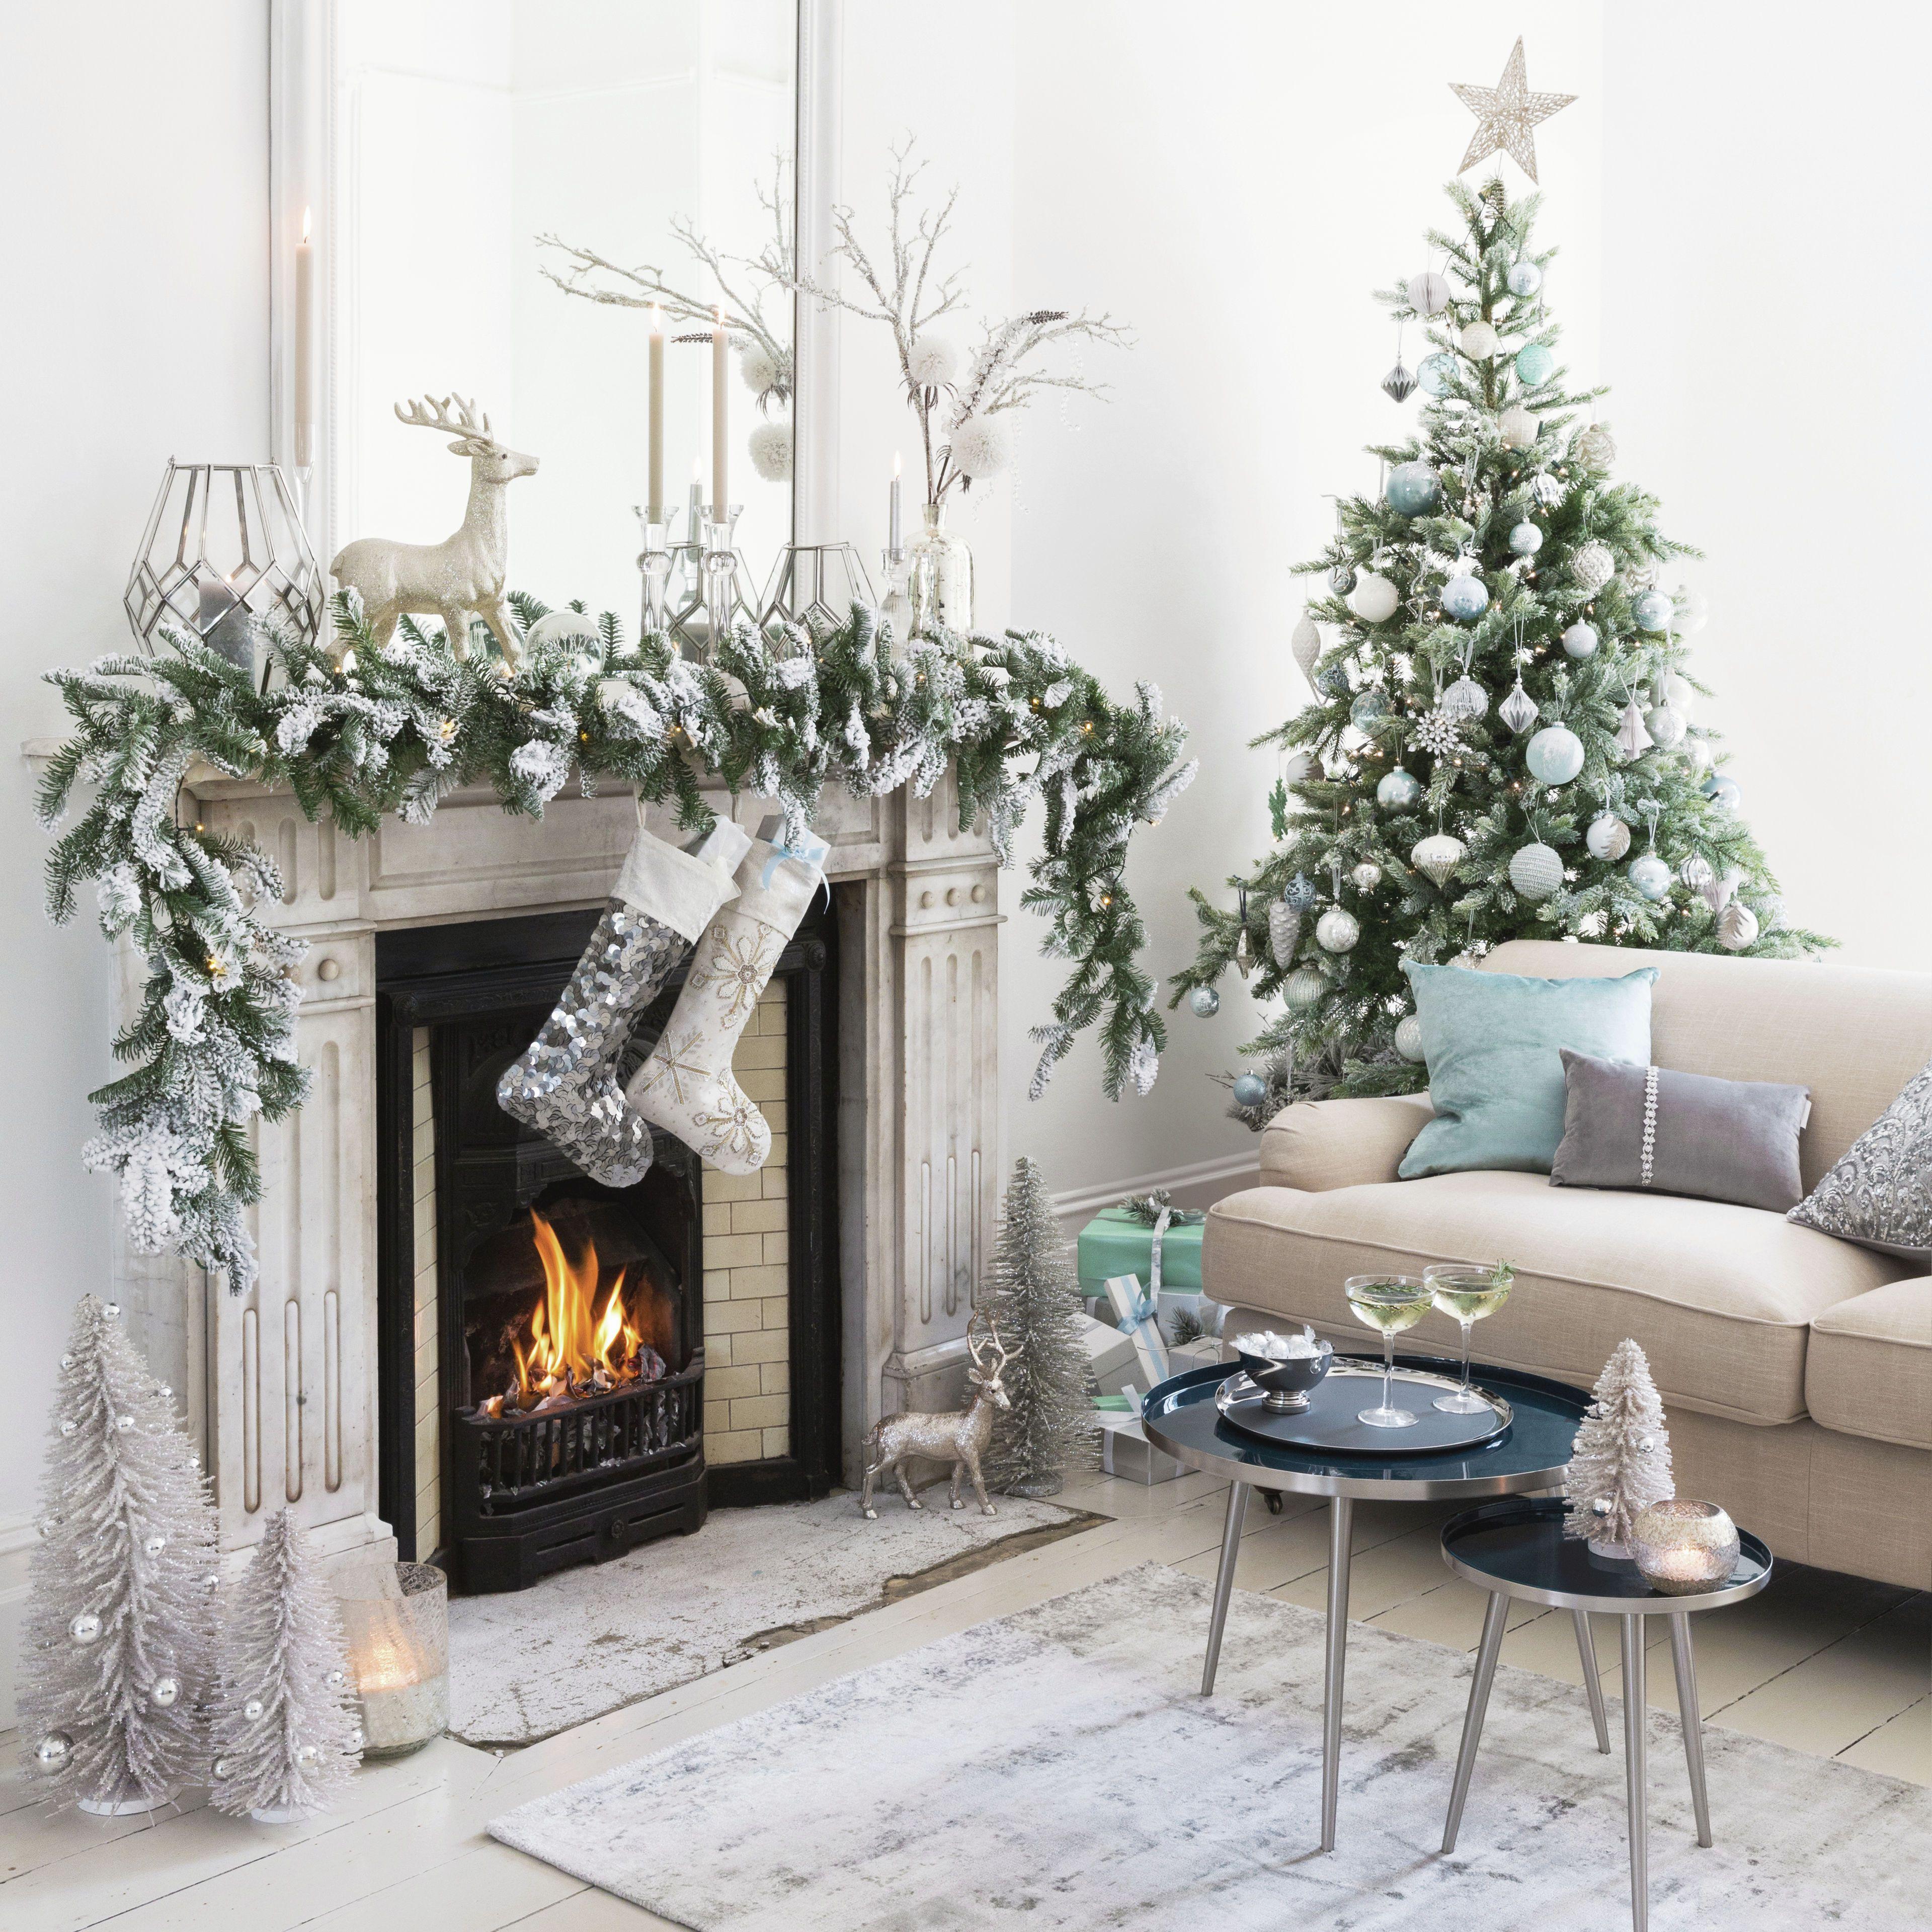 Verschneite Weihnachten #weihnachtsdekobalkon